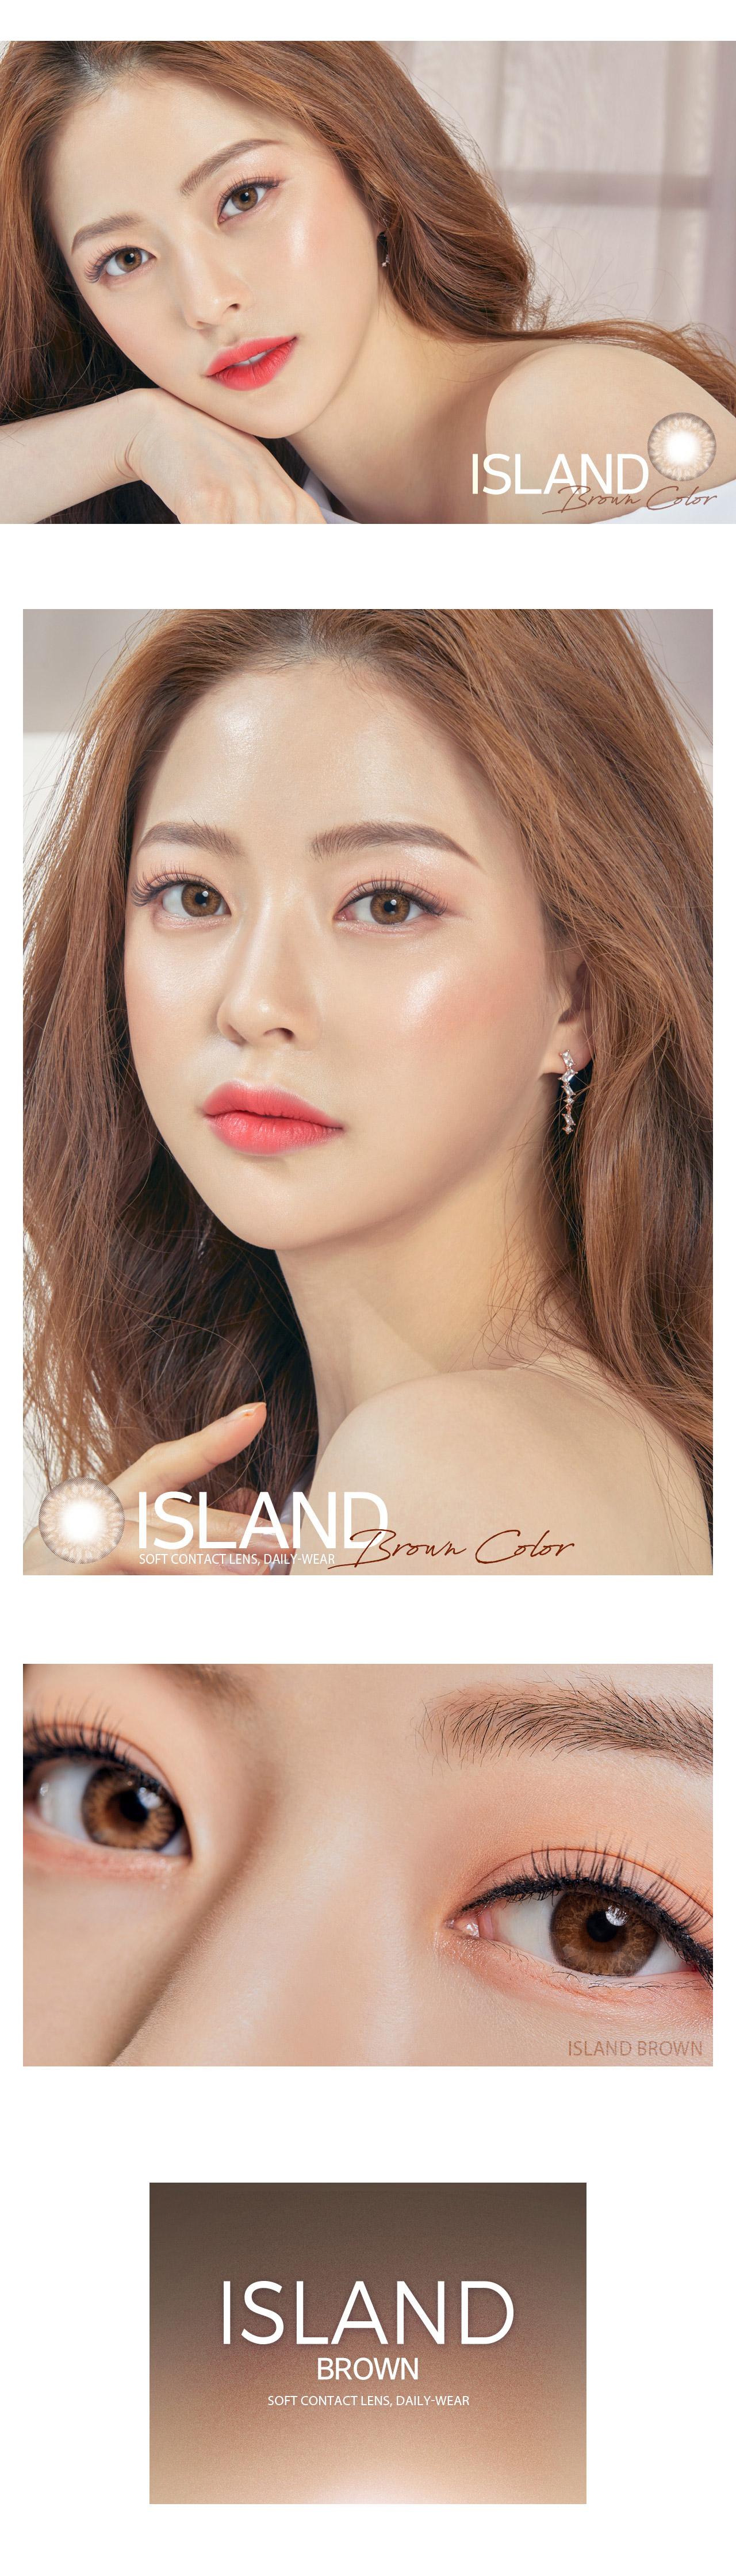 islandbrown2.jpg